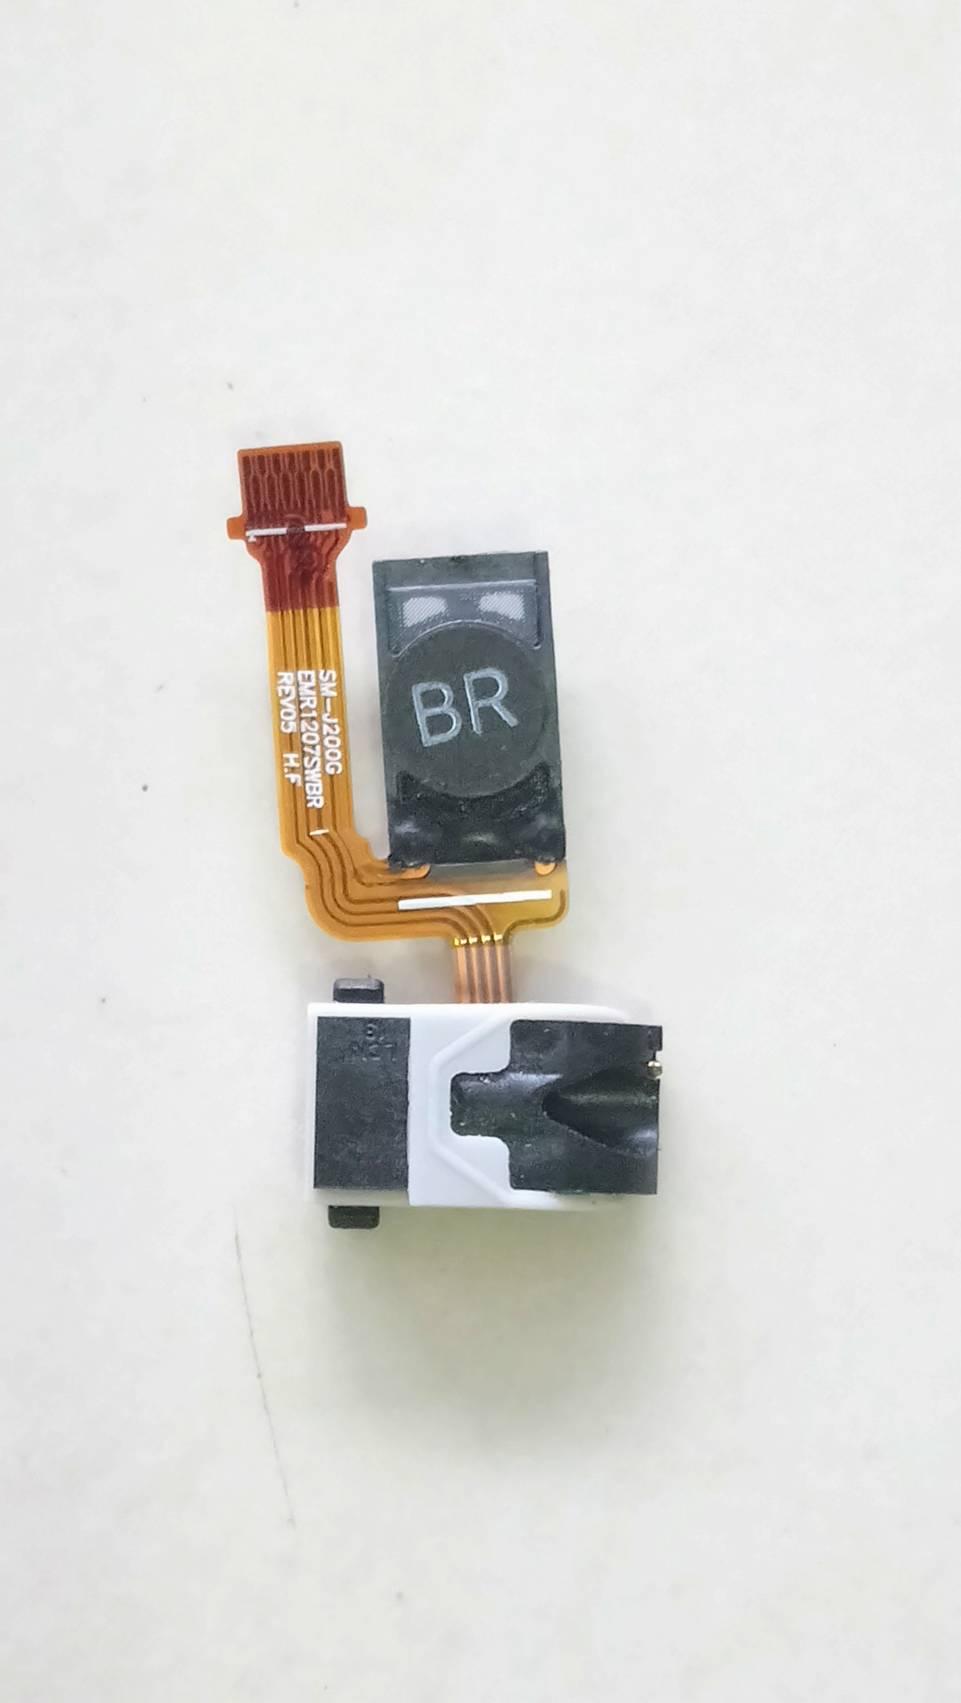 ลำโพงหน้าและแจ๊คหูฟัง SAMSUNG J2 / J200 มือสอง